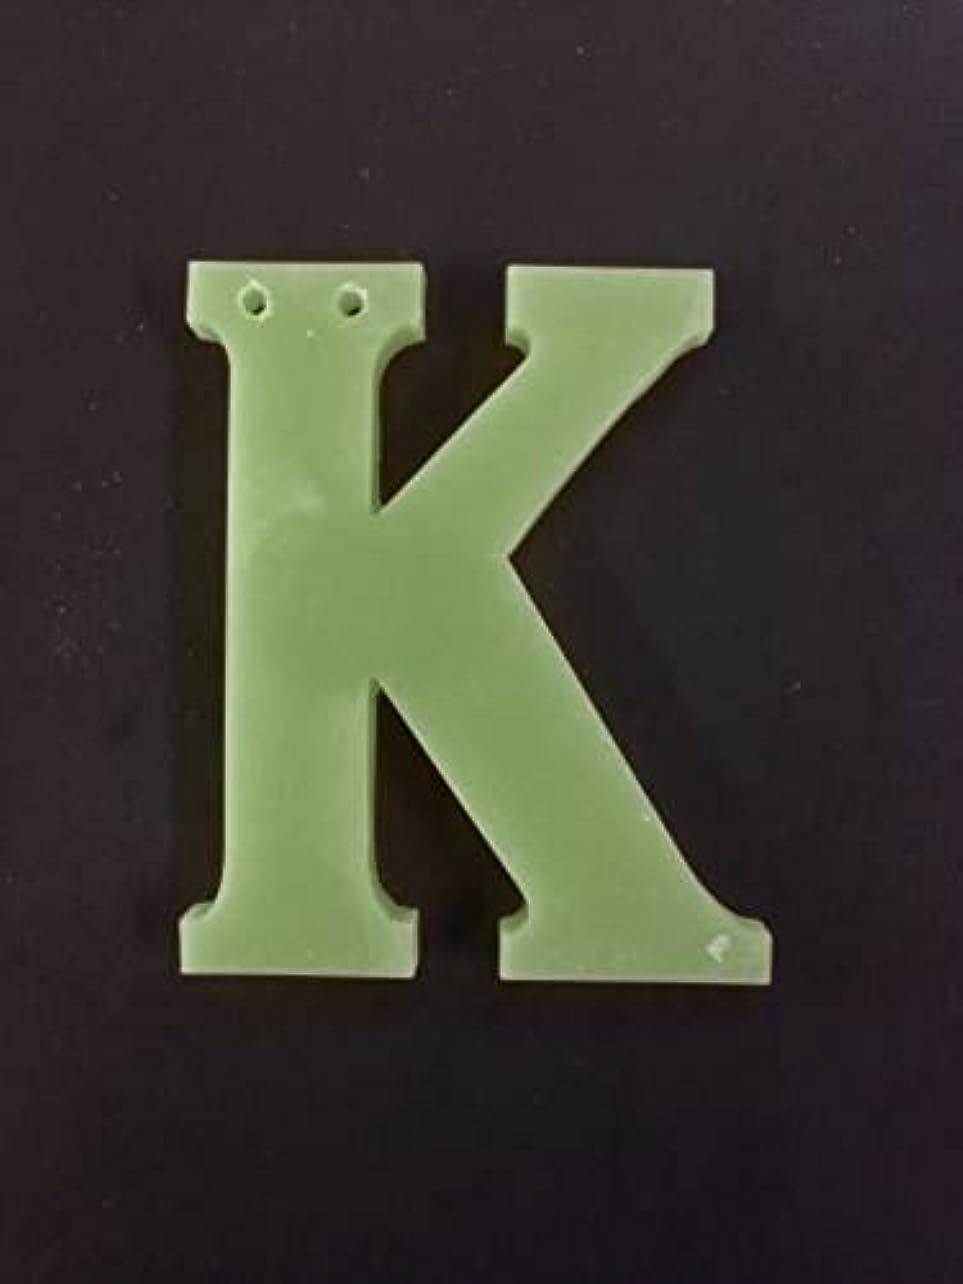 算術契約したミスペンドGRASSE TOKYO AROMATICWAXチャーム「K」(GR) レモングラス アロマティックワックス グラーストウキョウ